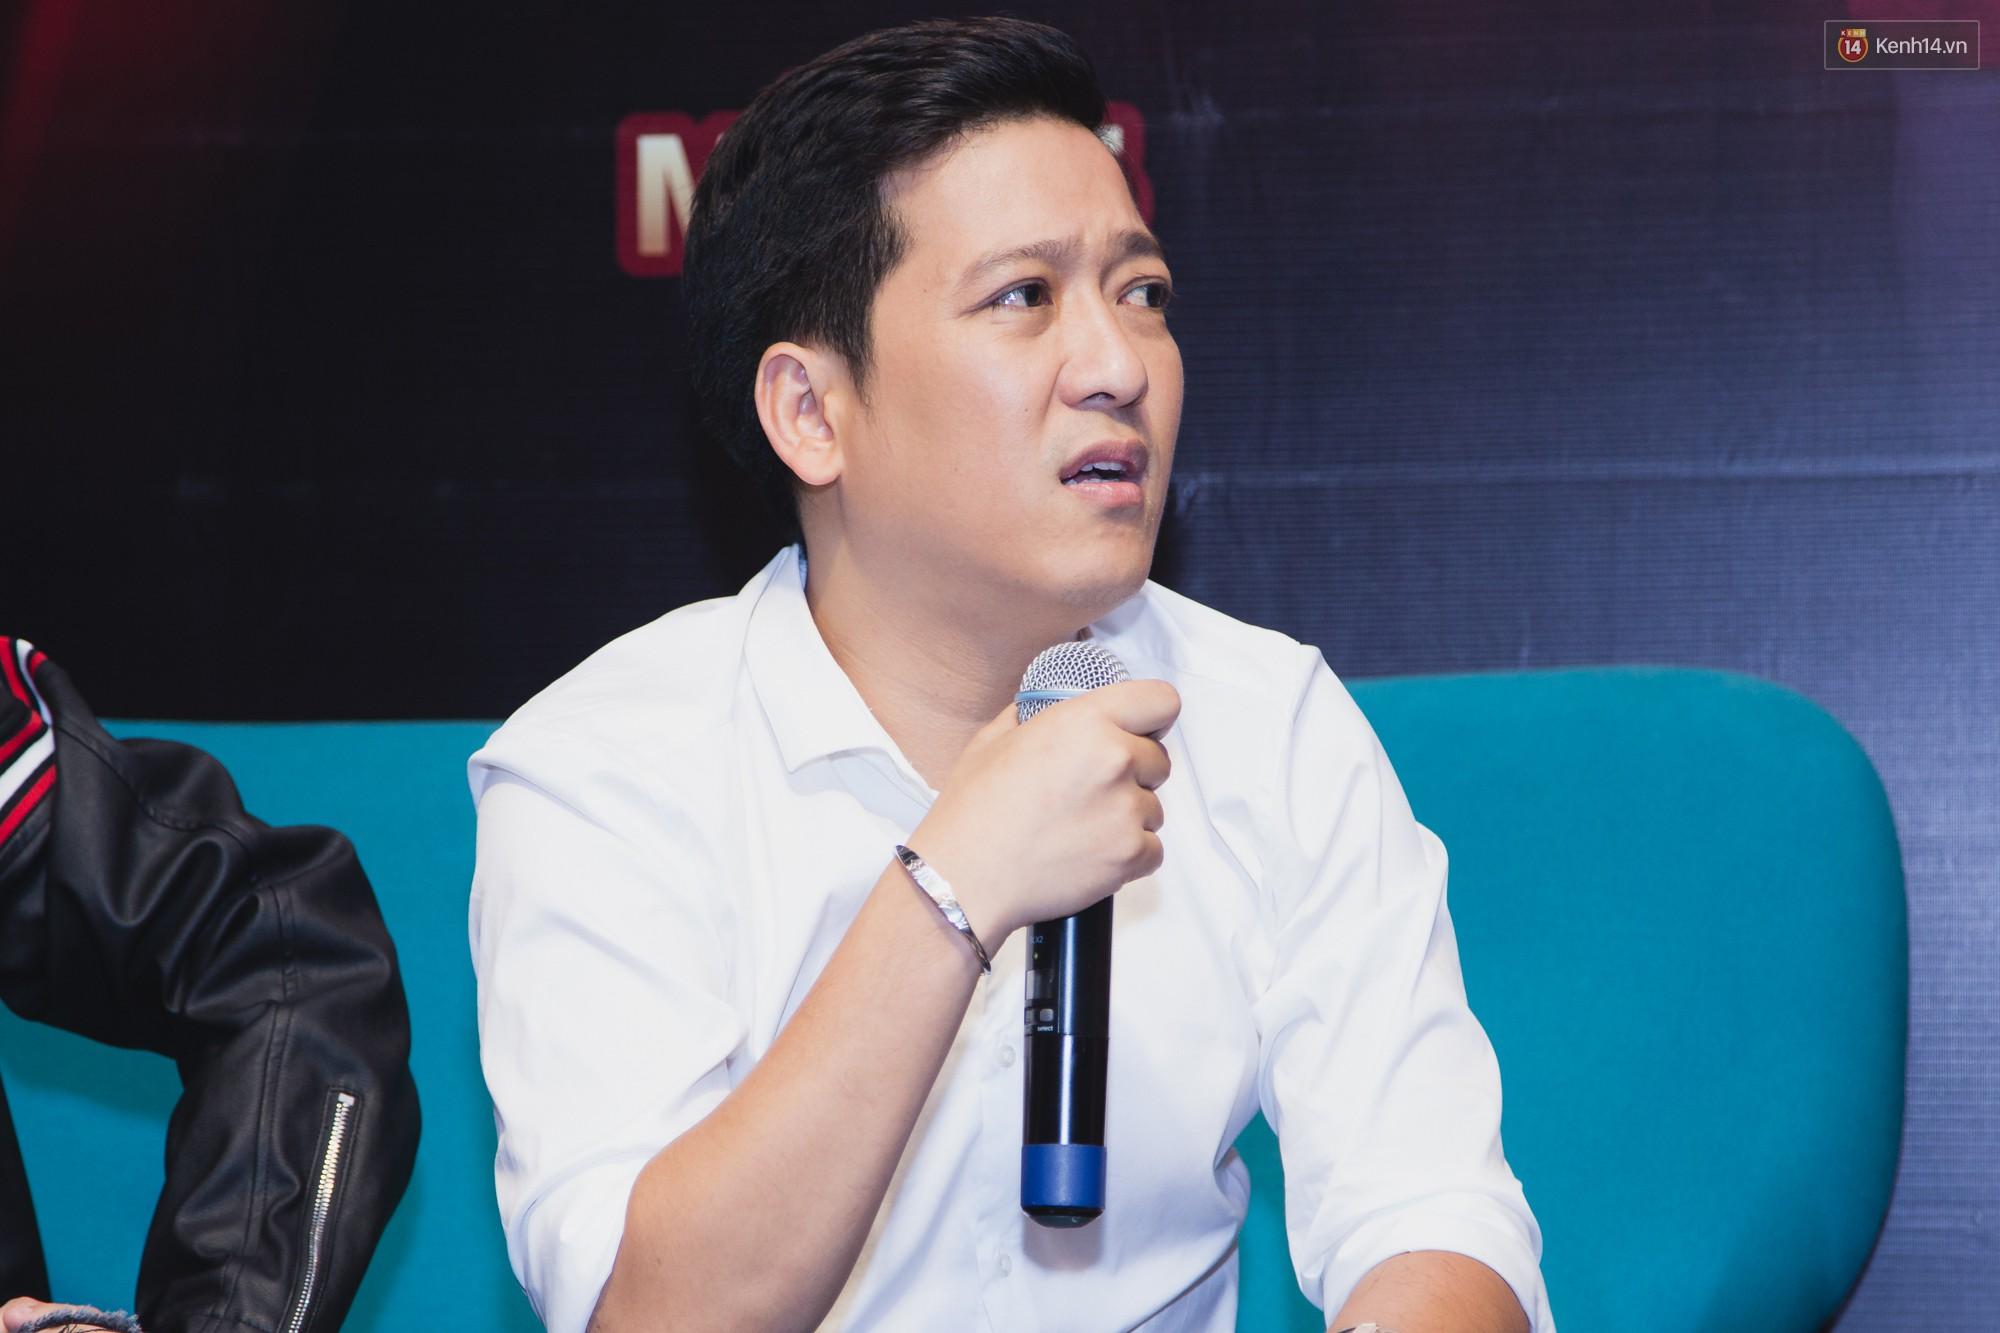 Trường Giang, Ngô Kiến Huy né những câu hỏi về tình cảm trong họp báo Thách thức danh hài - Ảnh 2.